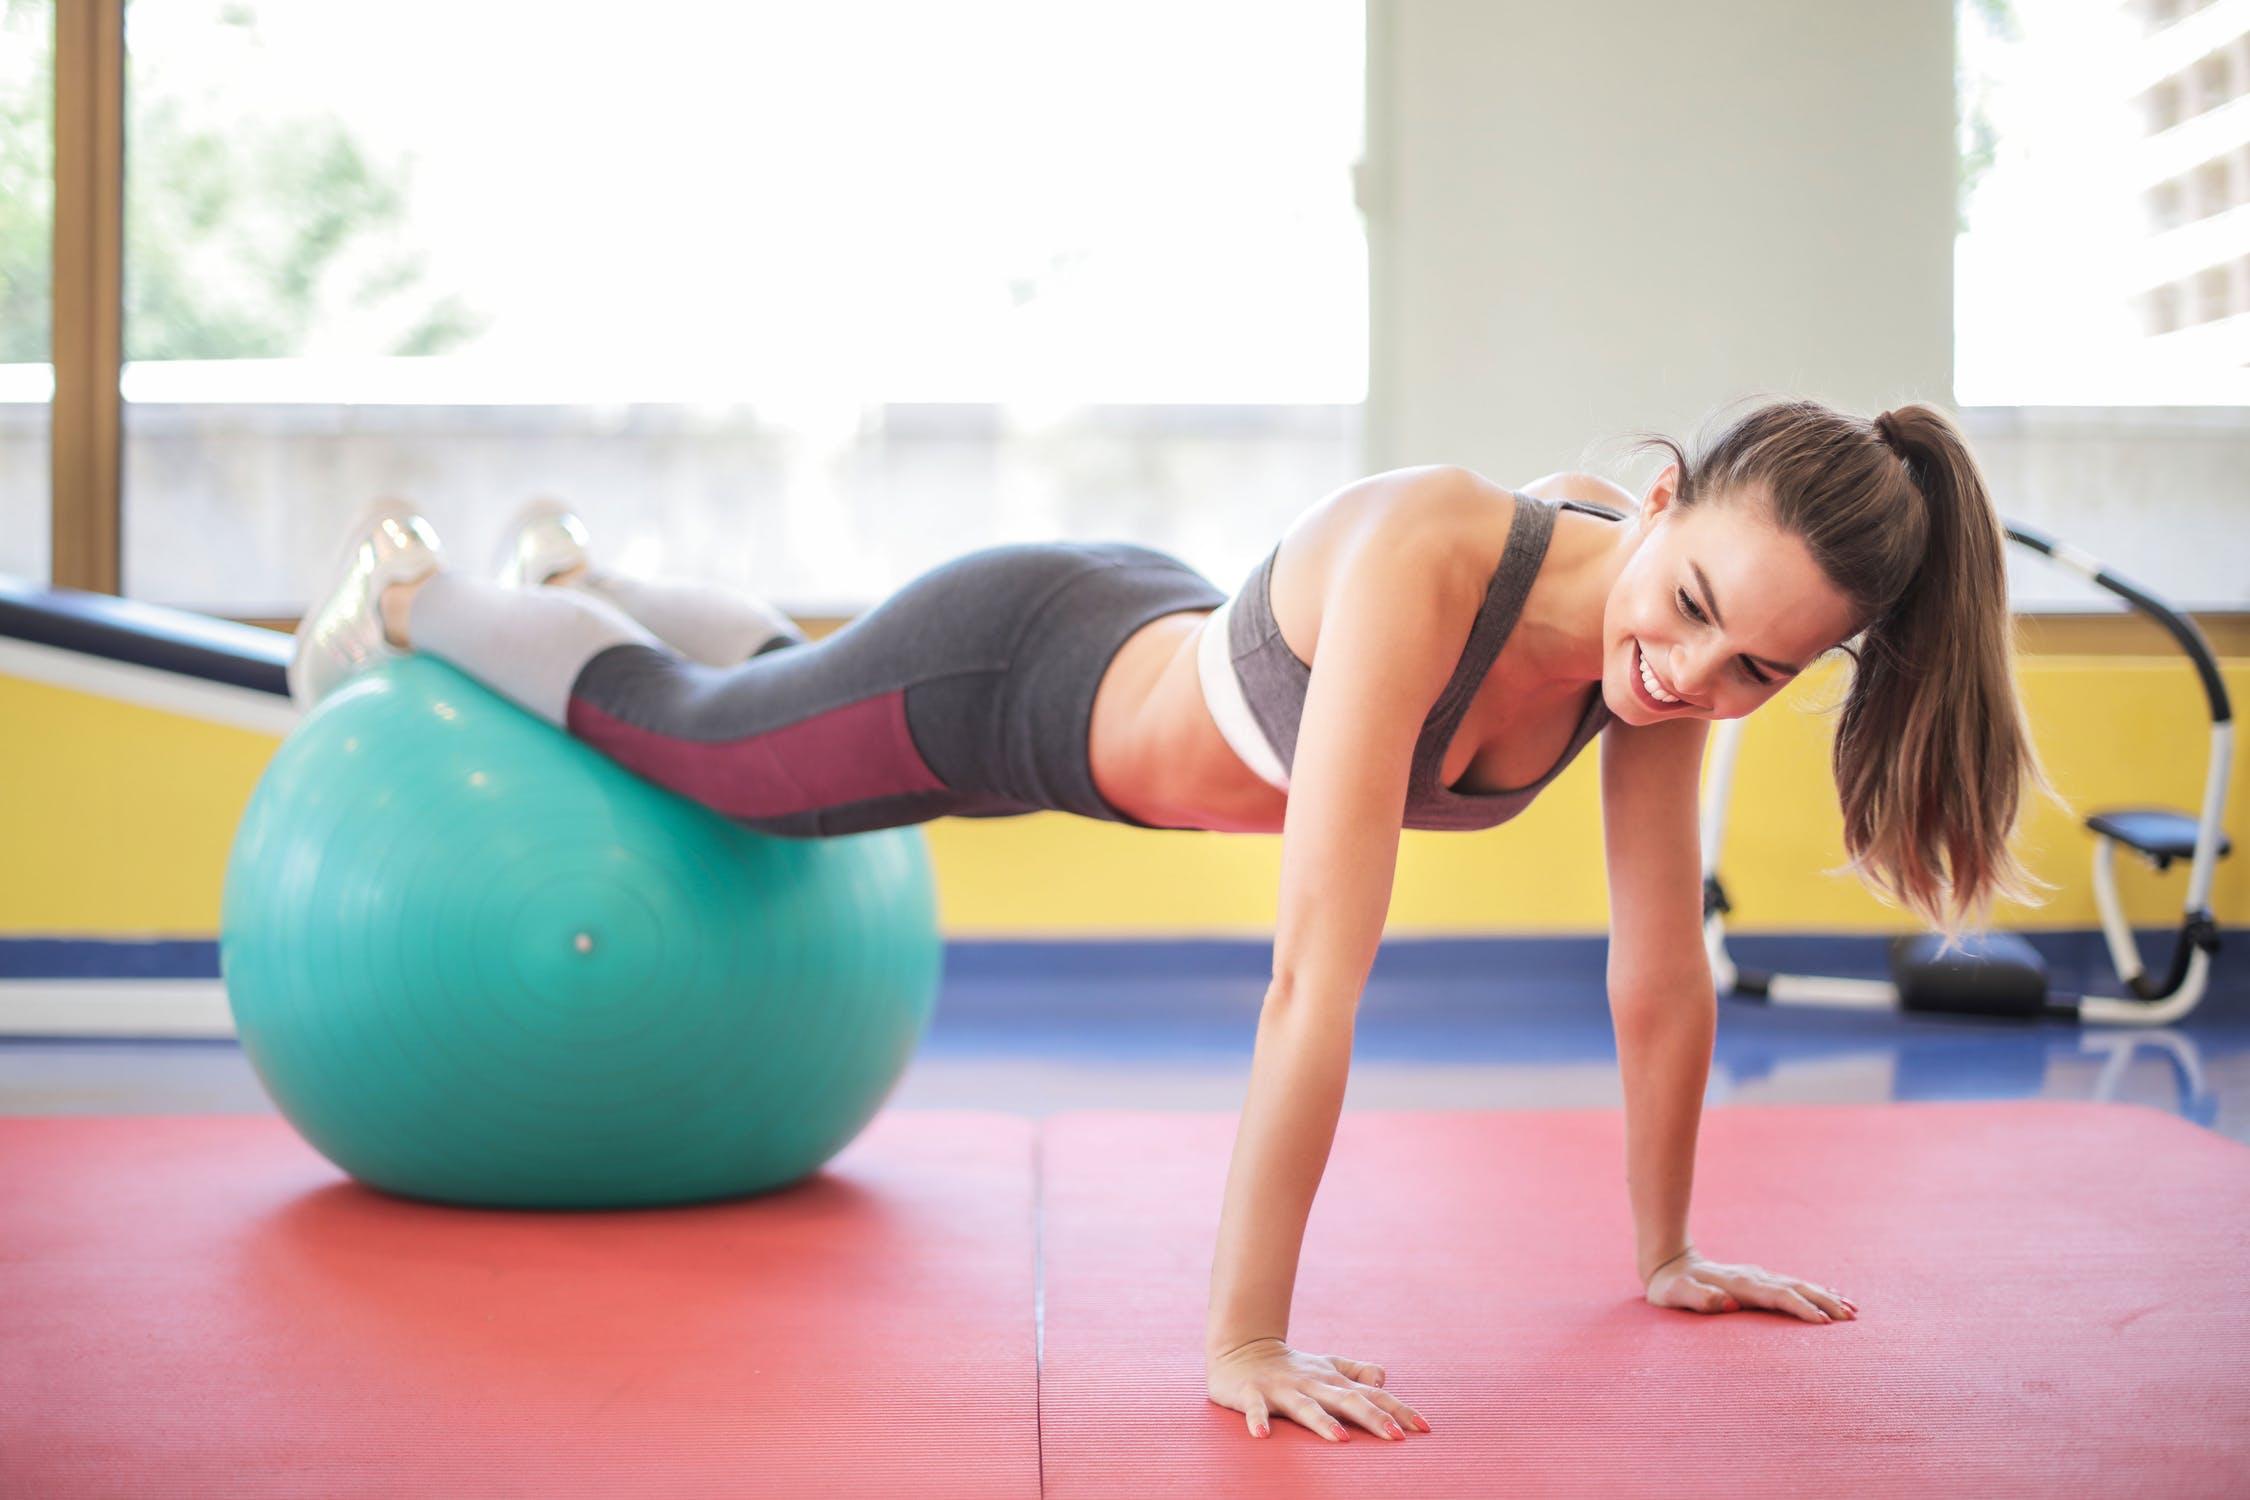 身材代谢能力差,体脂率高怎么办?坚持5个方法,让减脂更快!